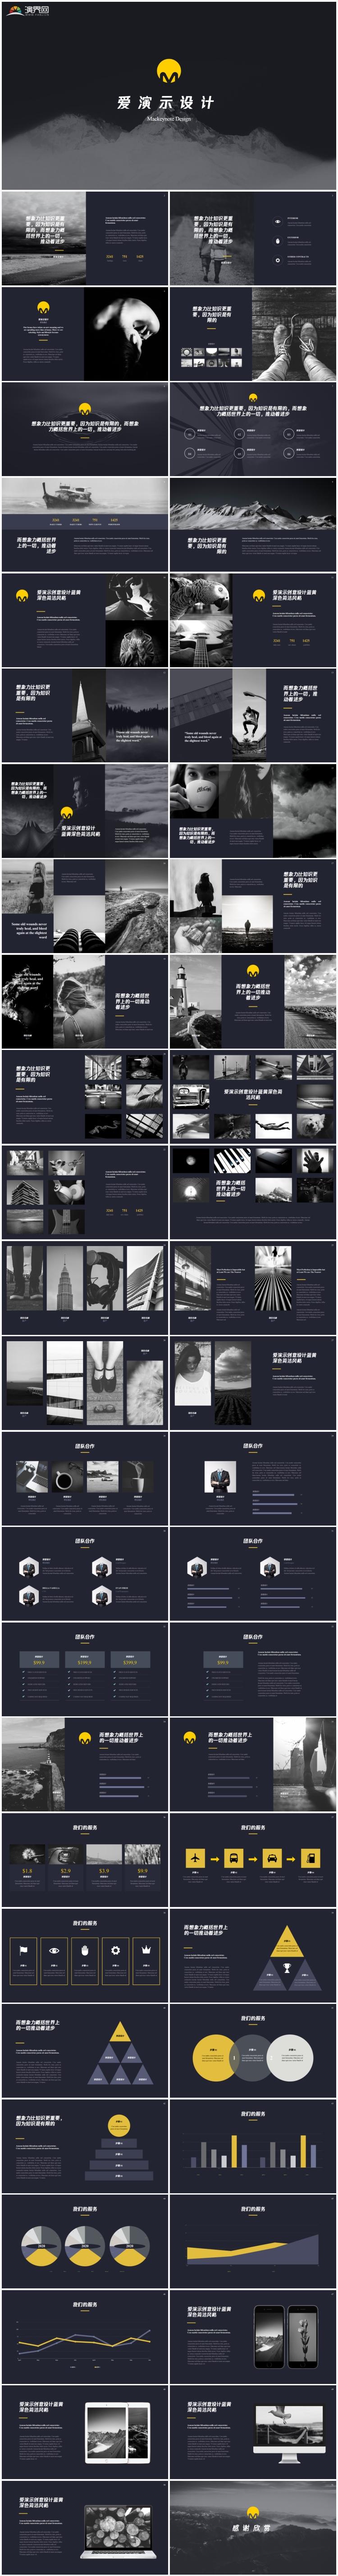 深色系创意设计简约唯美公司介绍PPT模版